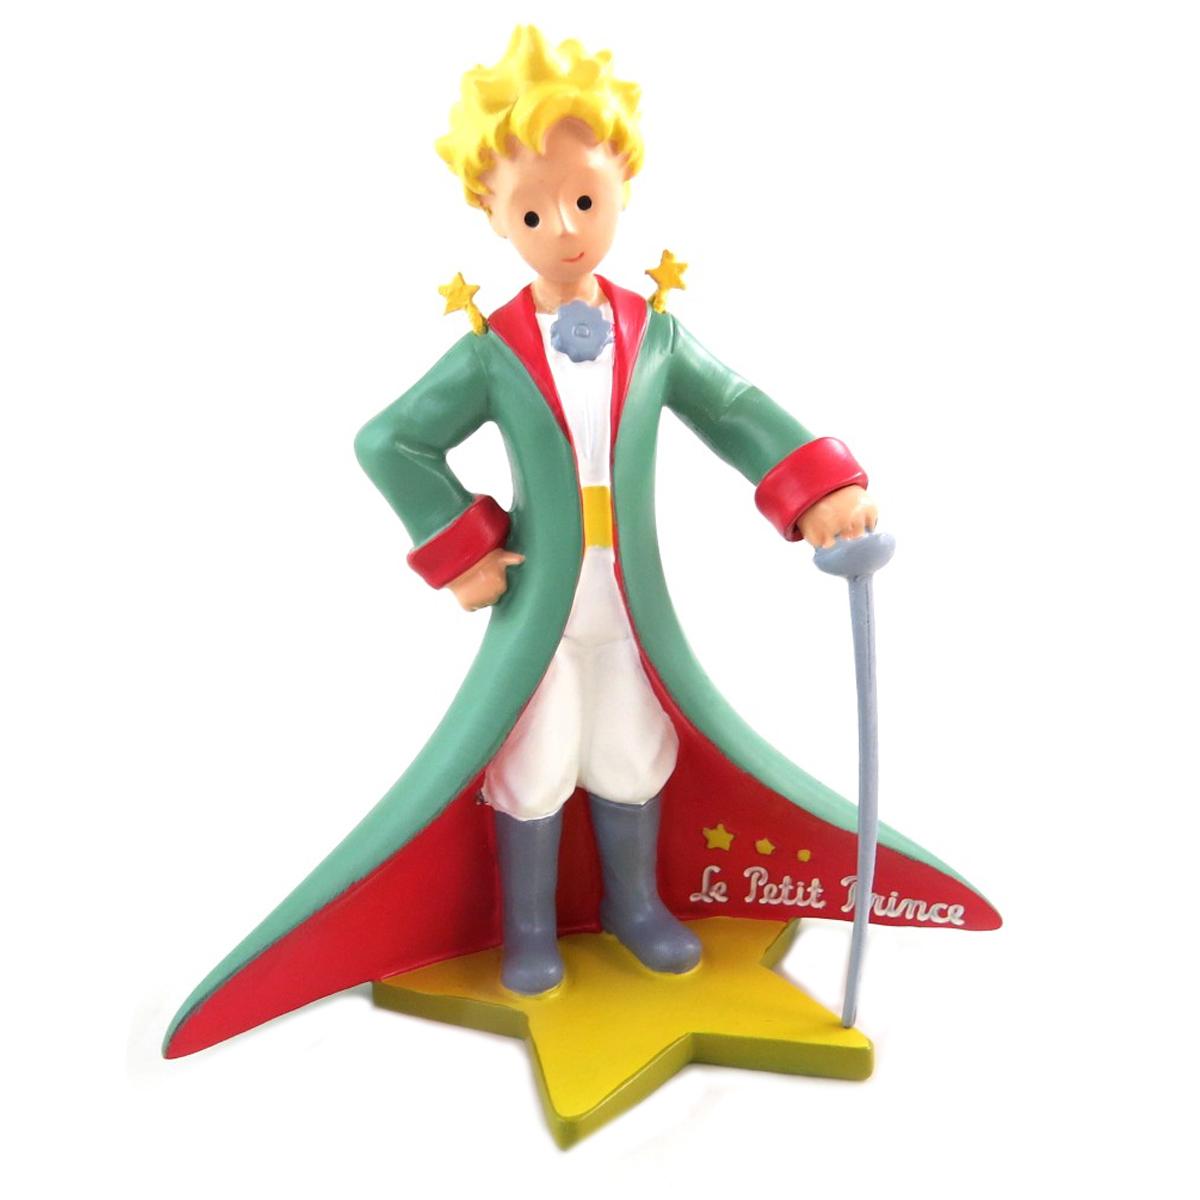 Figurine créateur \'Le Petit Prince\' - 12x11 cm - [P9911]